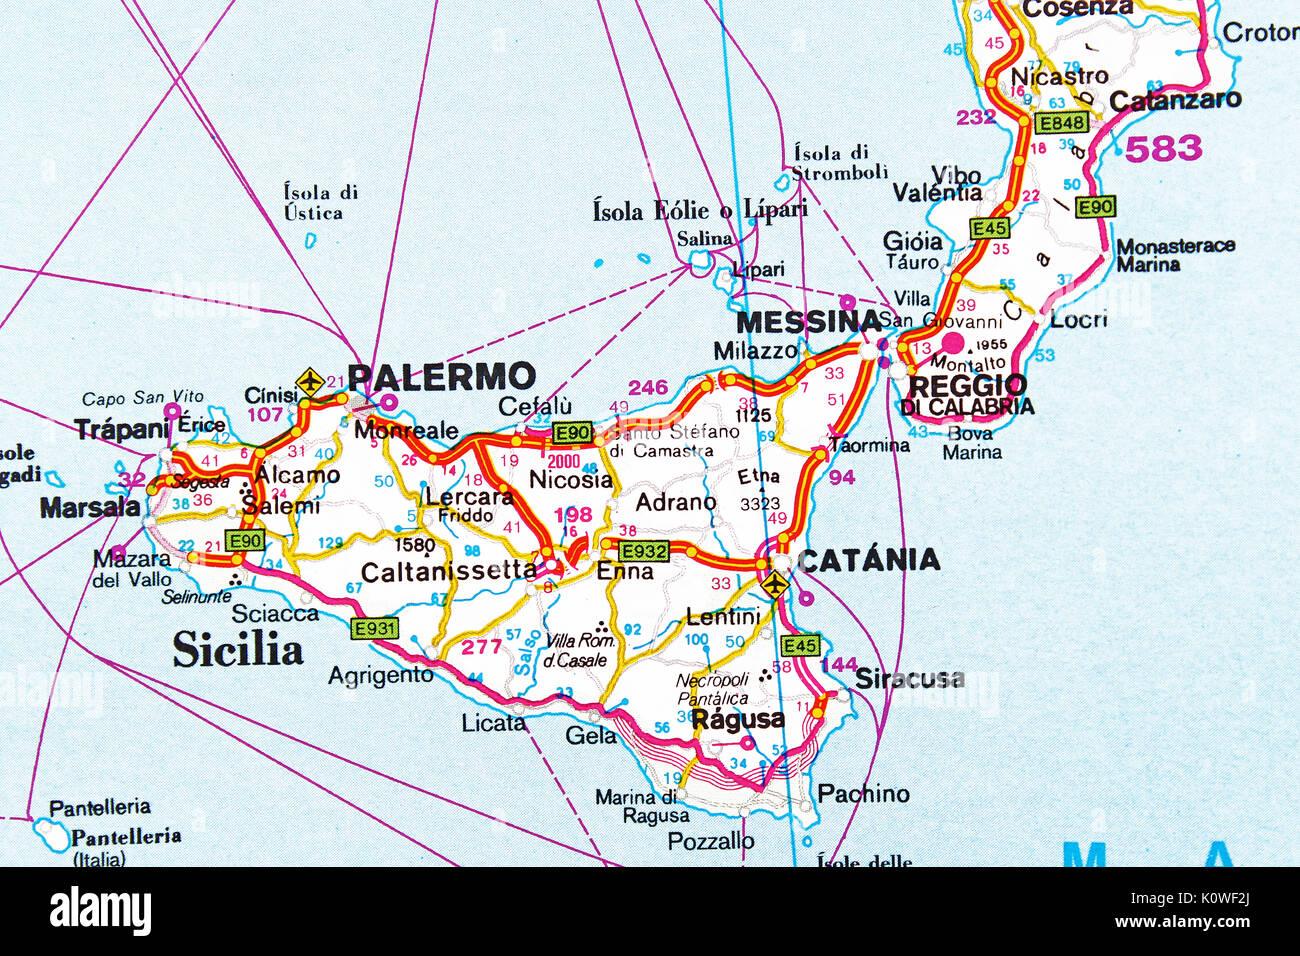 Cartina Strade Sicilia.Mappa Di Palermo Mappa Della Citta Mappa Stradale Foto Stock Alamy